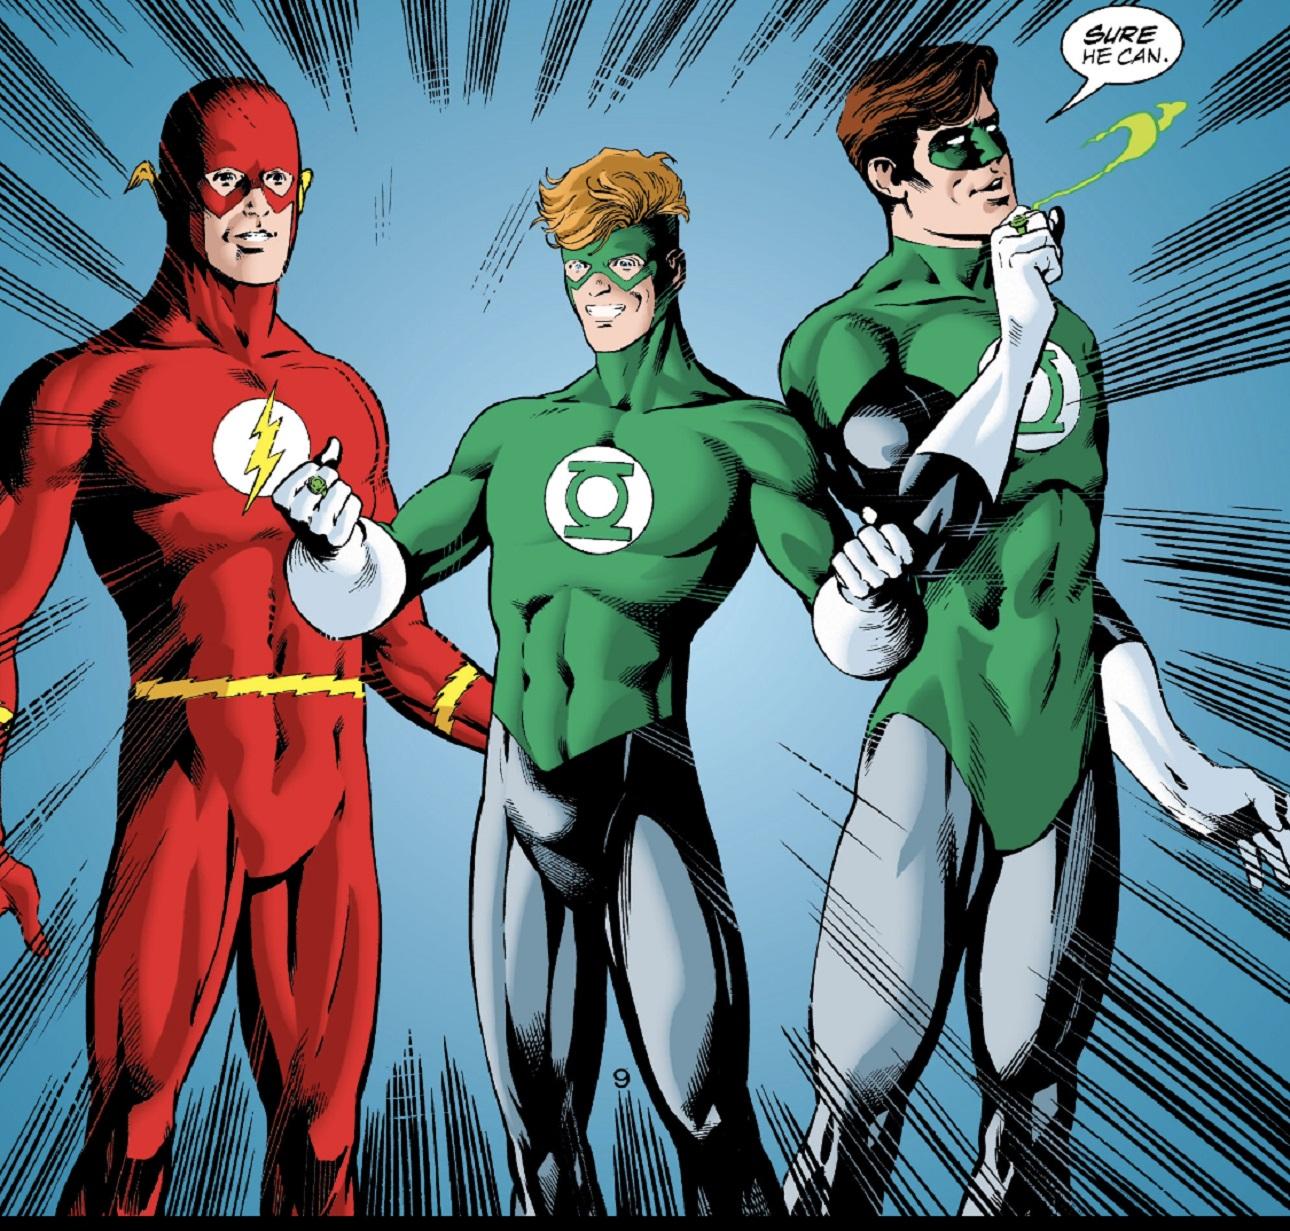 Wally-West-Green-Lantern.jpg